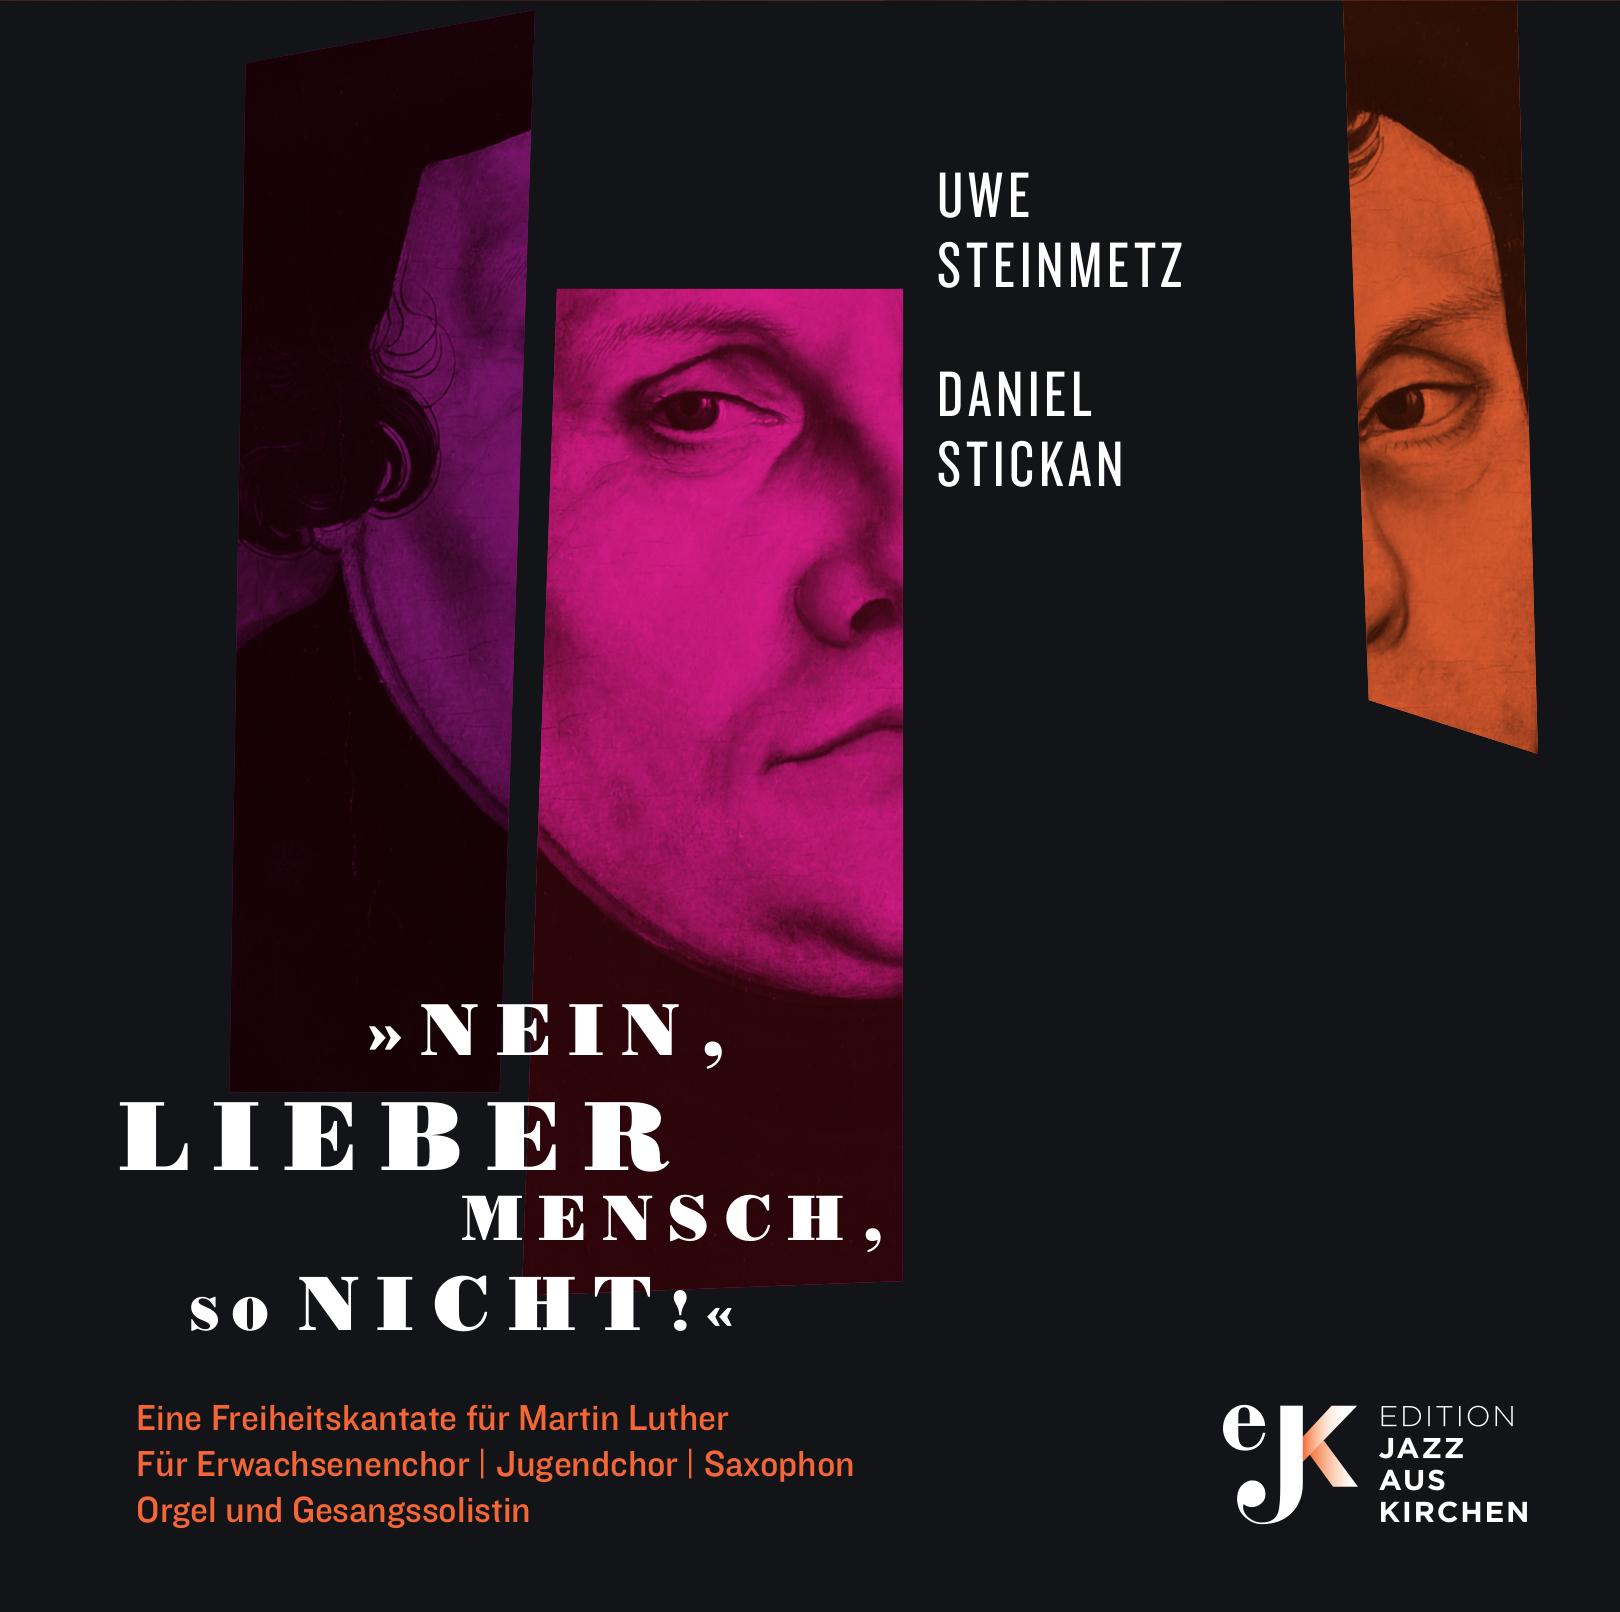 """""""Thesen in Tönen"""" – Ortwin Löwa in der Evangelischen Zeitung vom 12.04.2015"""